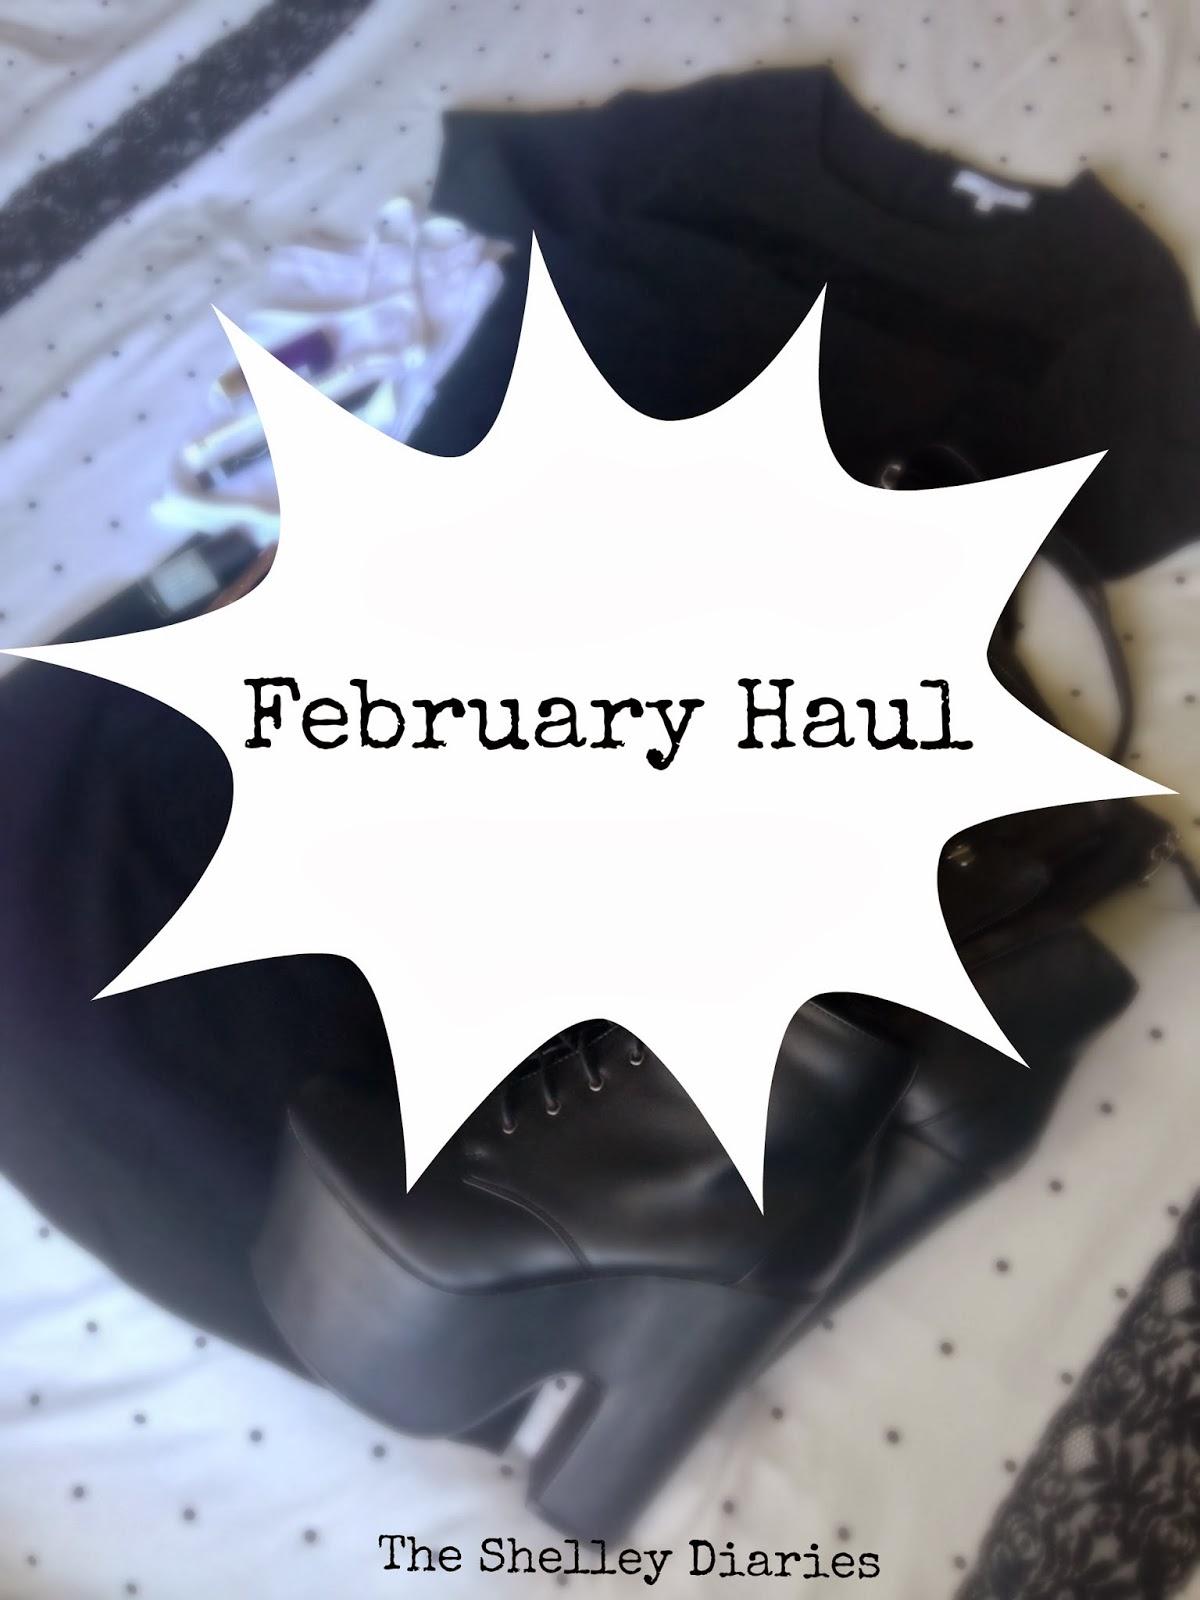 February Haul